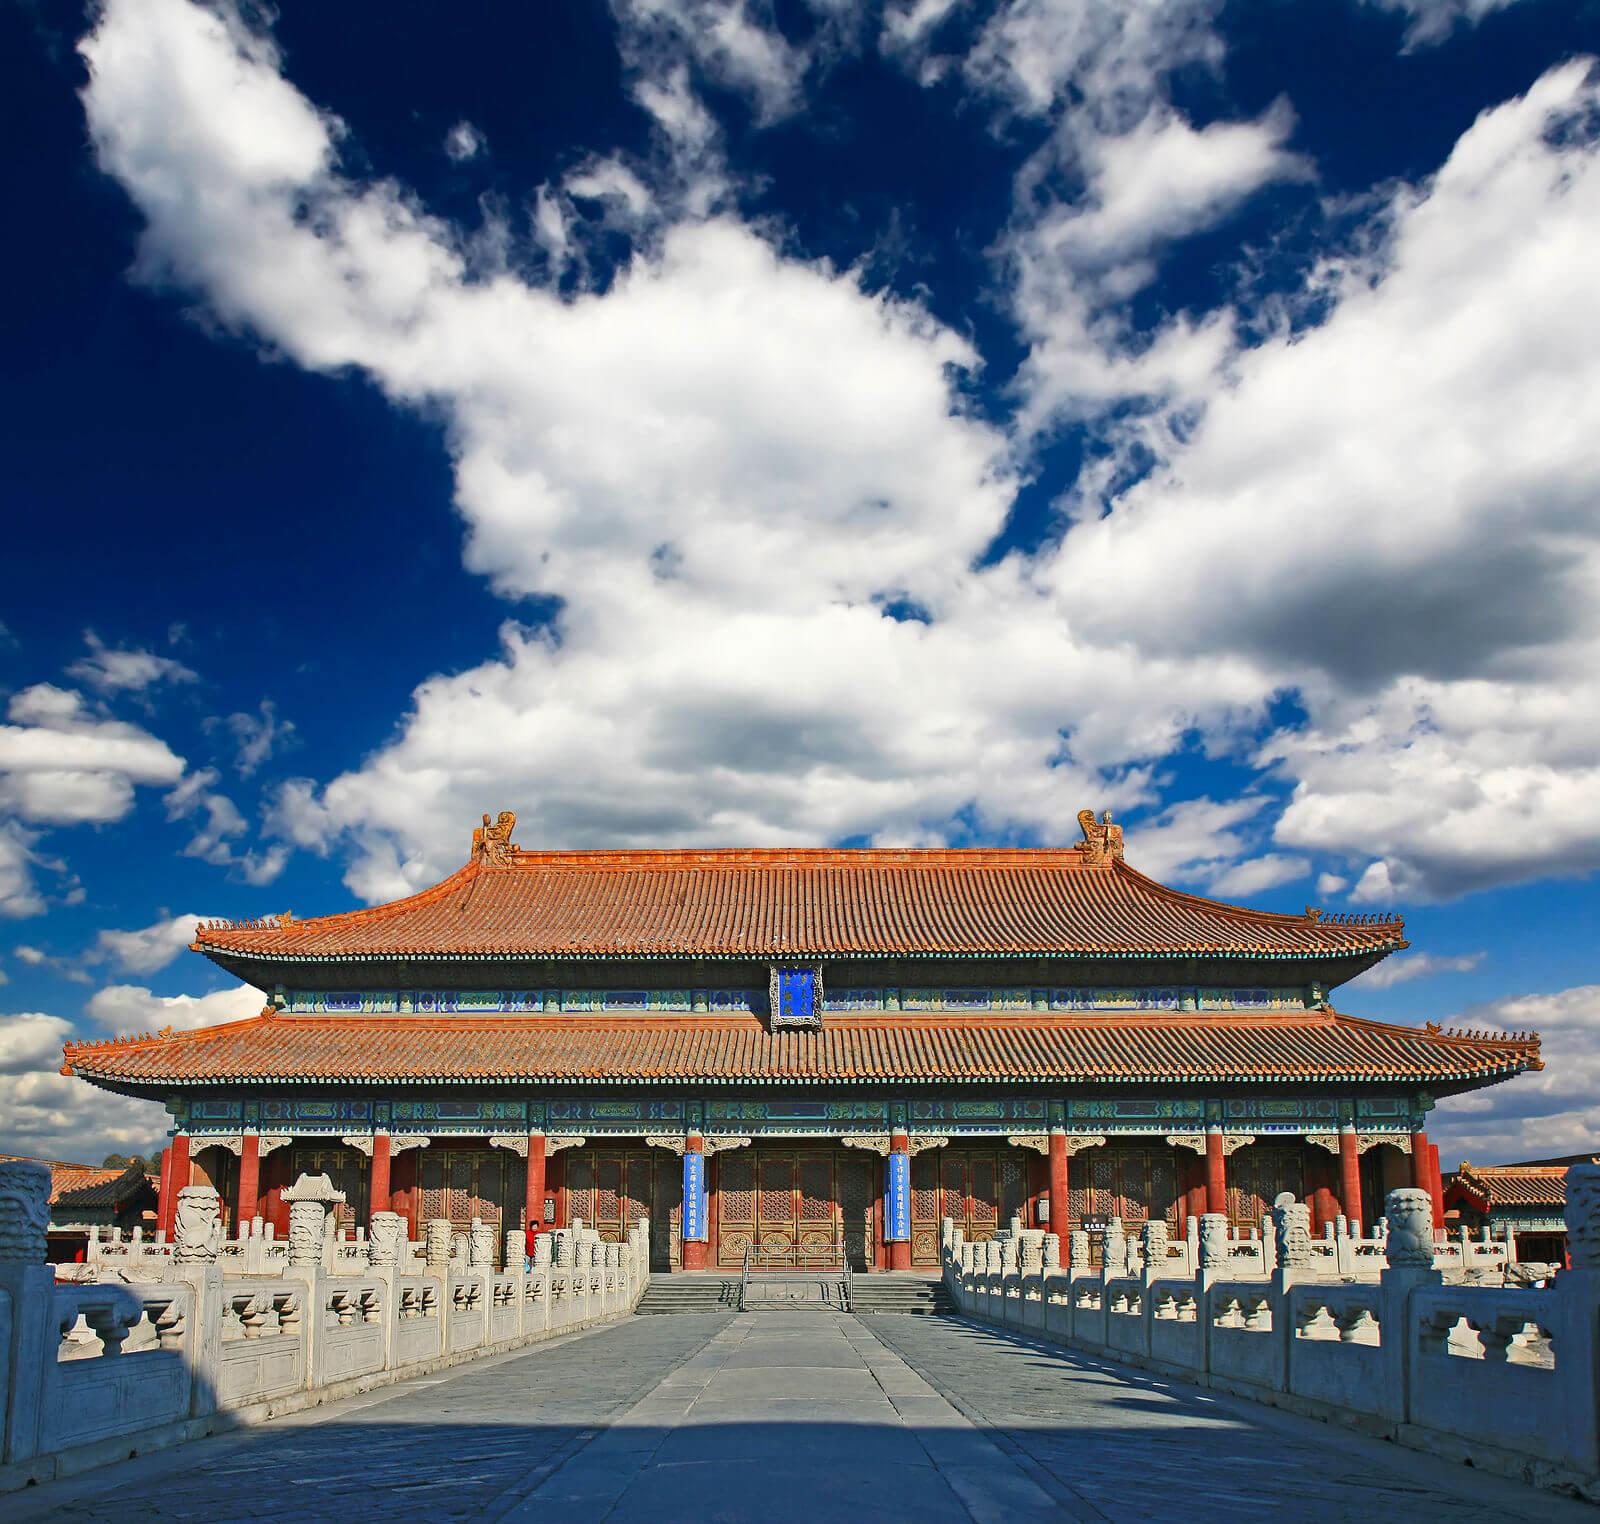 China's Forbidden City